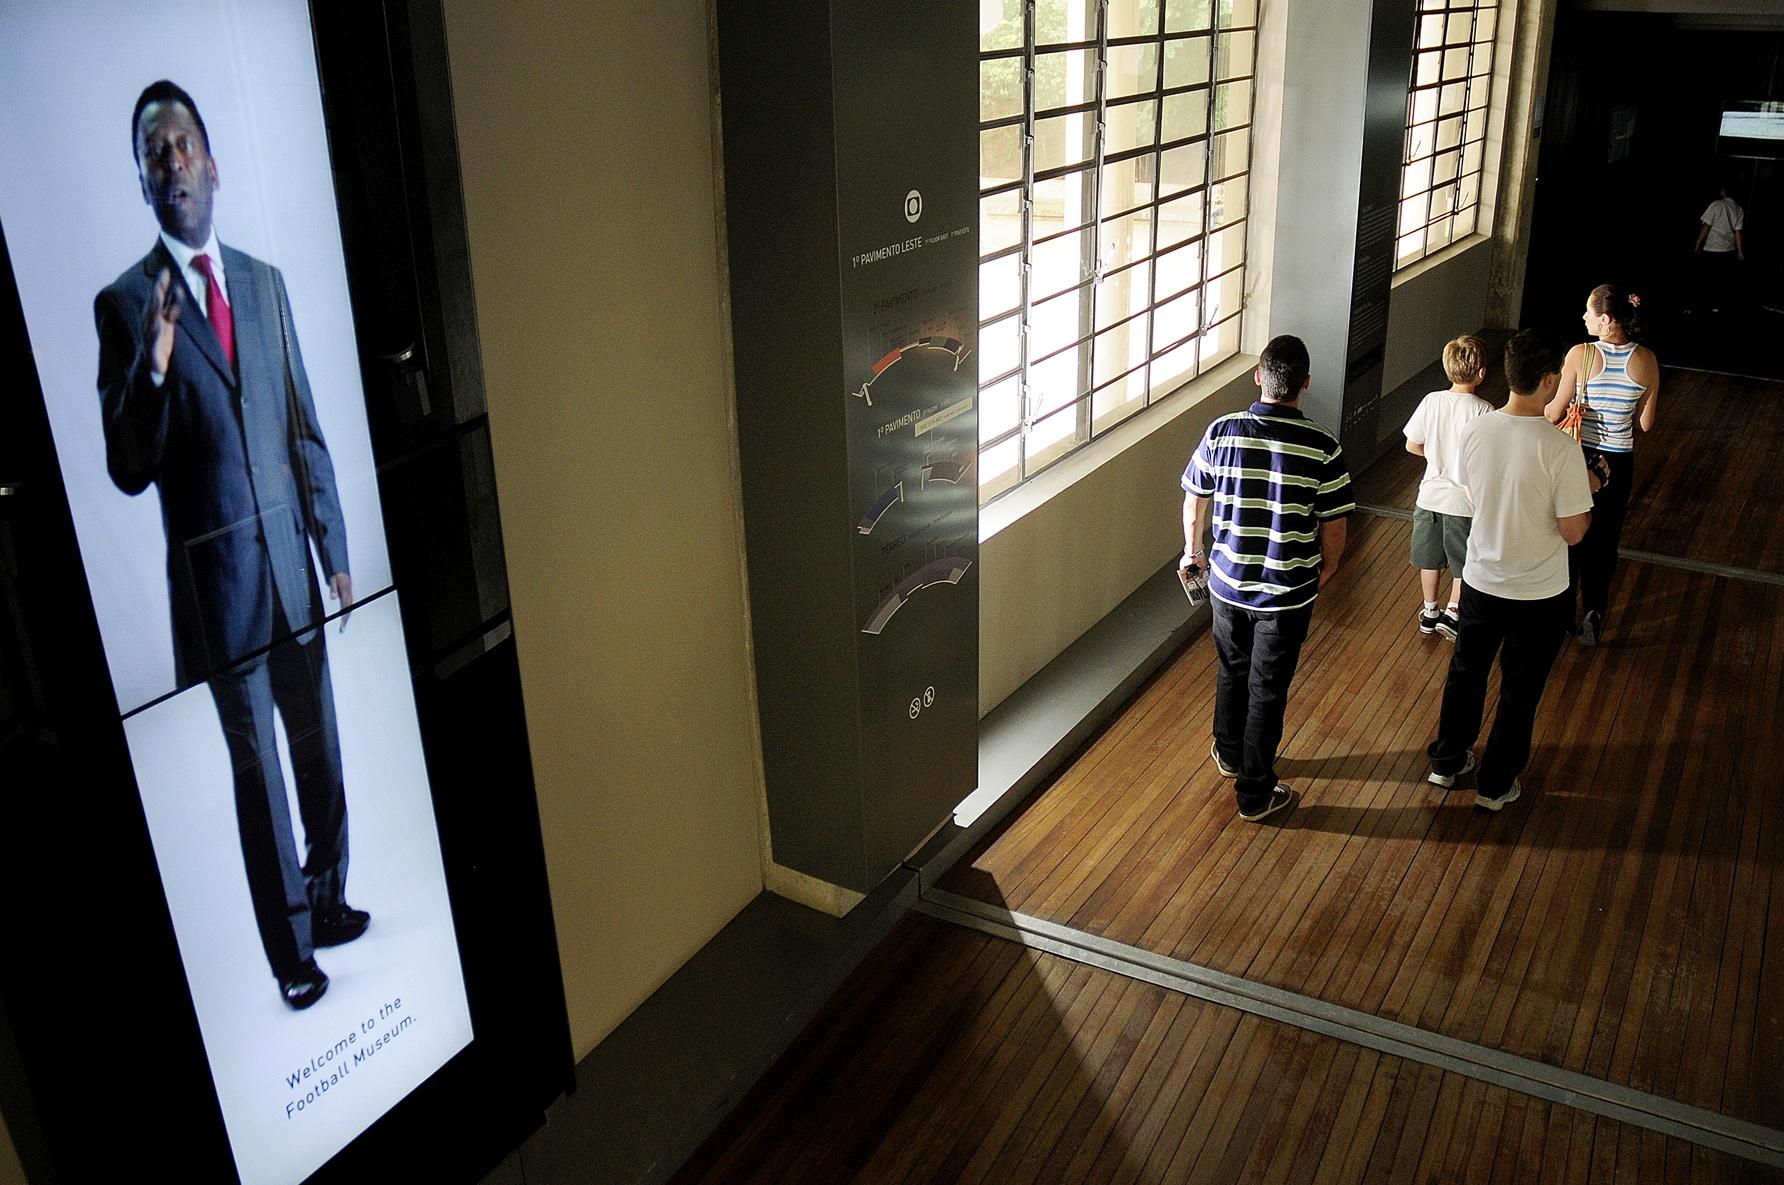 Parte de cima da entrada do Museu do Futebol. Recepção do Pelé em uma tela digital dando boas vindas aos visitantes. Depois dele, pessoas caminhando em direção ao Museu.